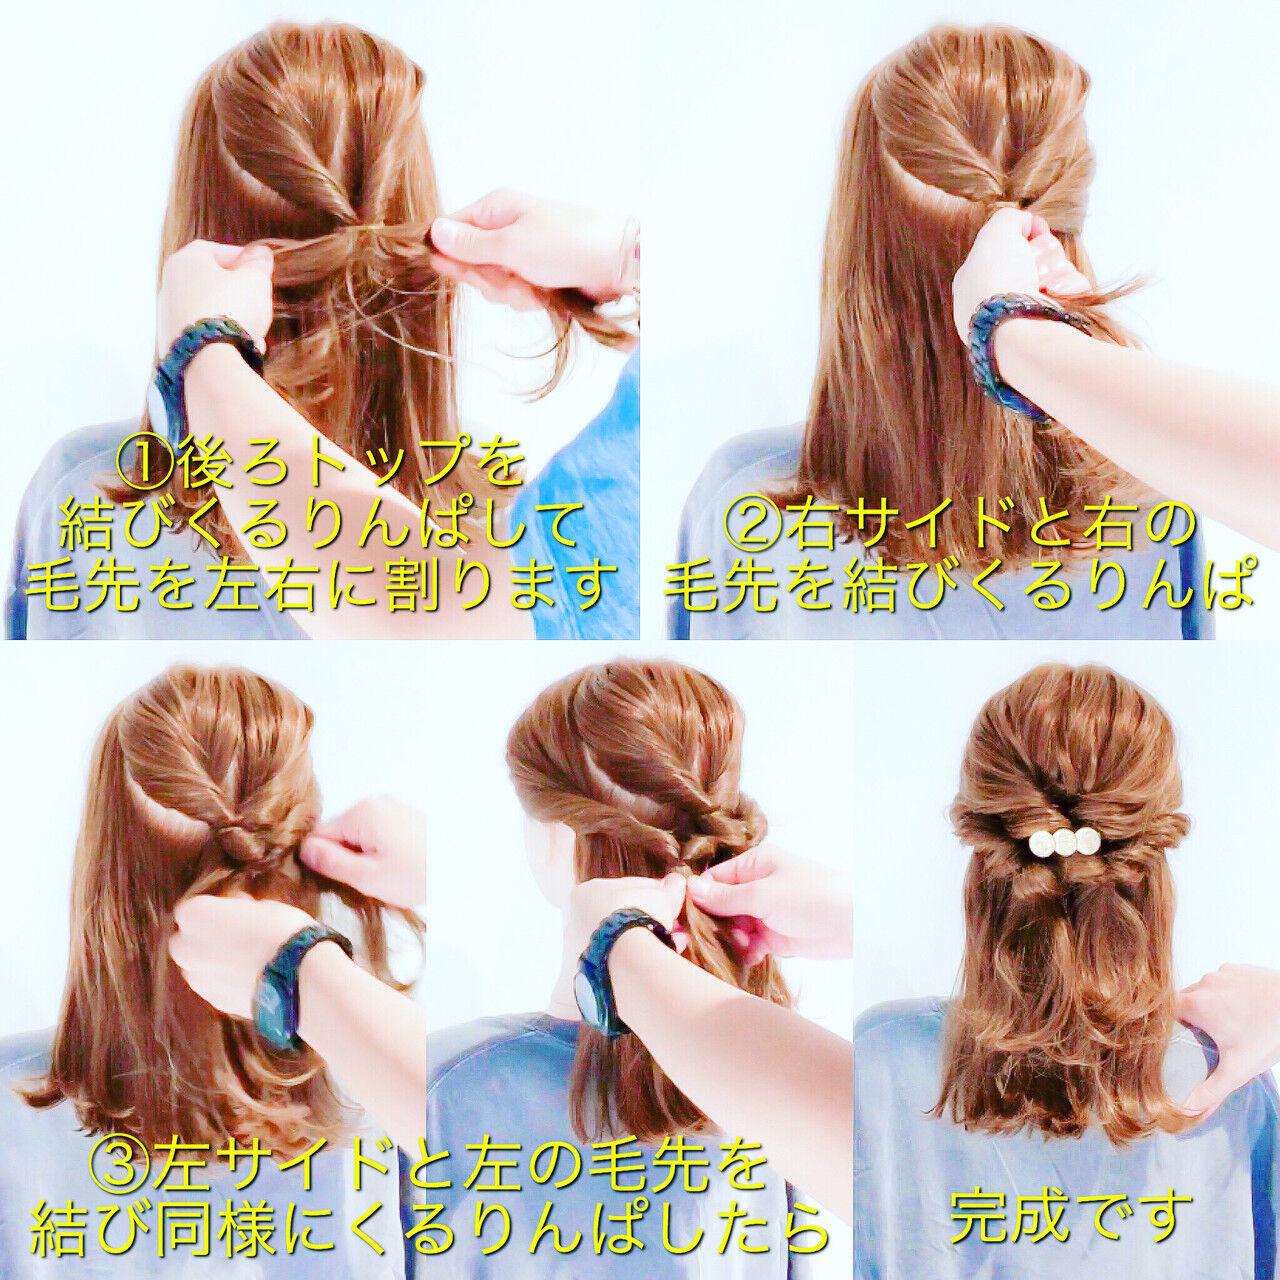 ハーフアップ×くるりんぱ 美容師HIRO/Amoute代表  Amoute/アムティ